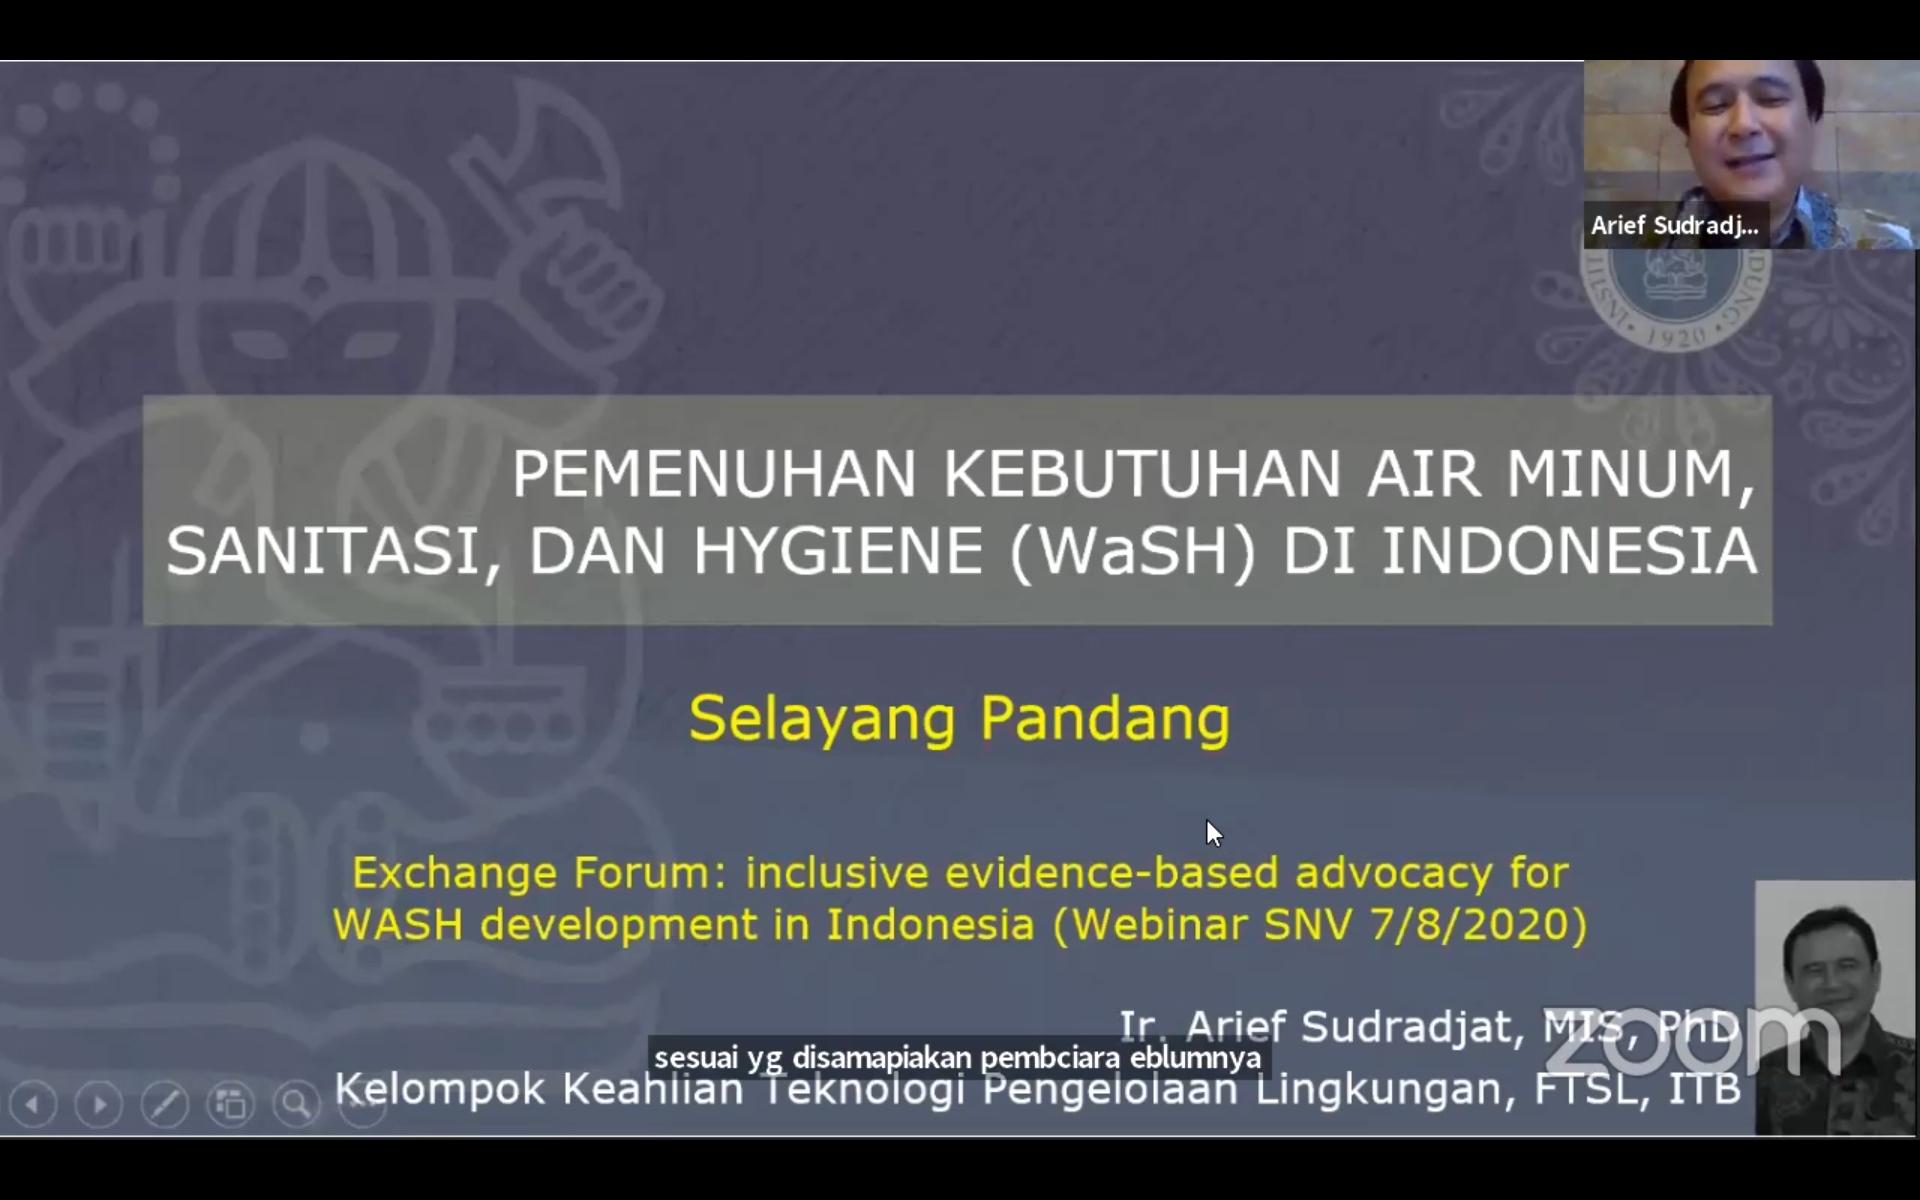 pemenuhan-kebutuhan-air-minum-sanitasi-dan-hygiene-wash-di-indonesia